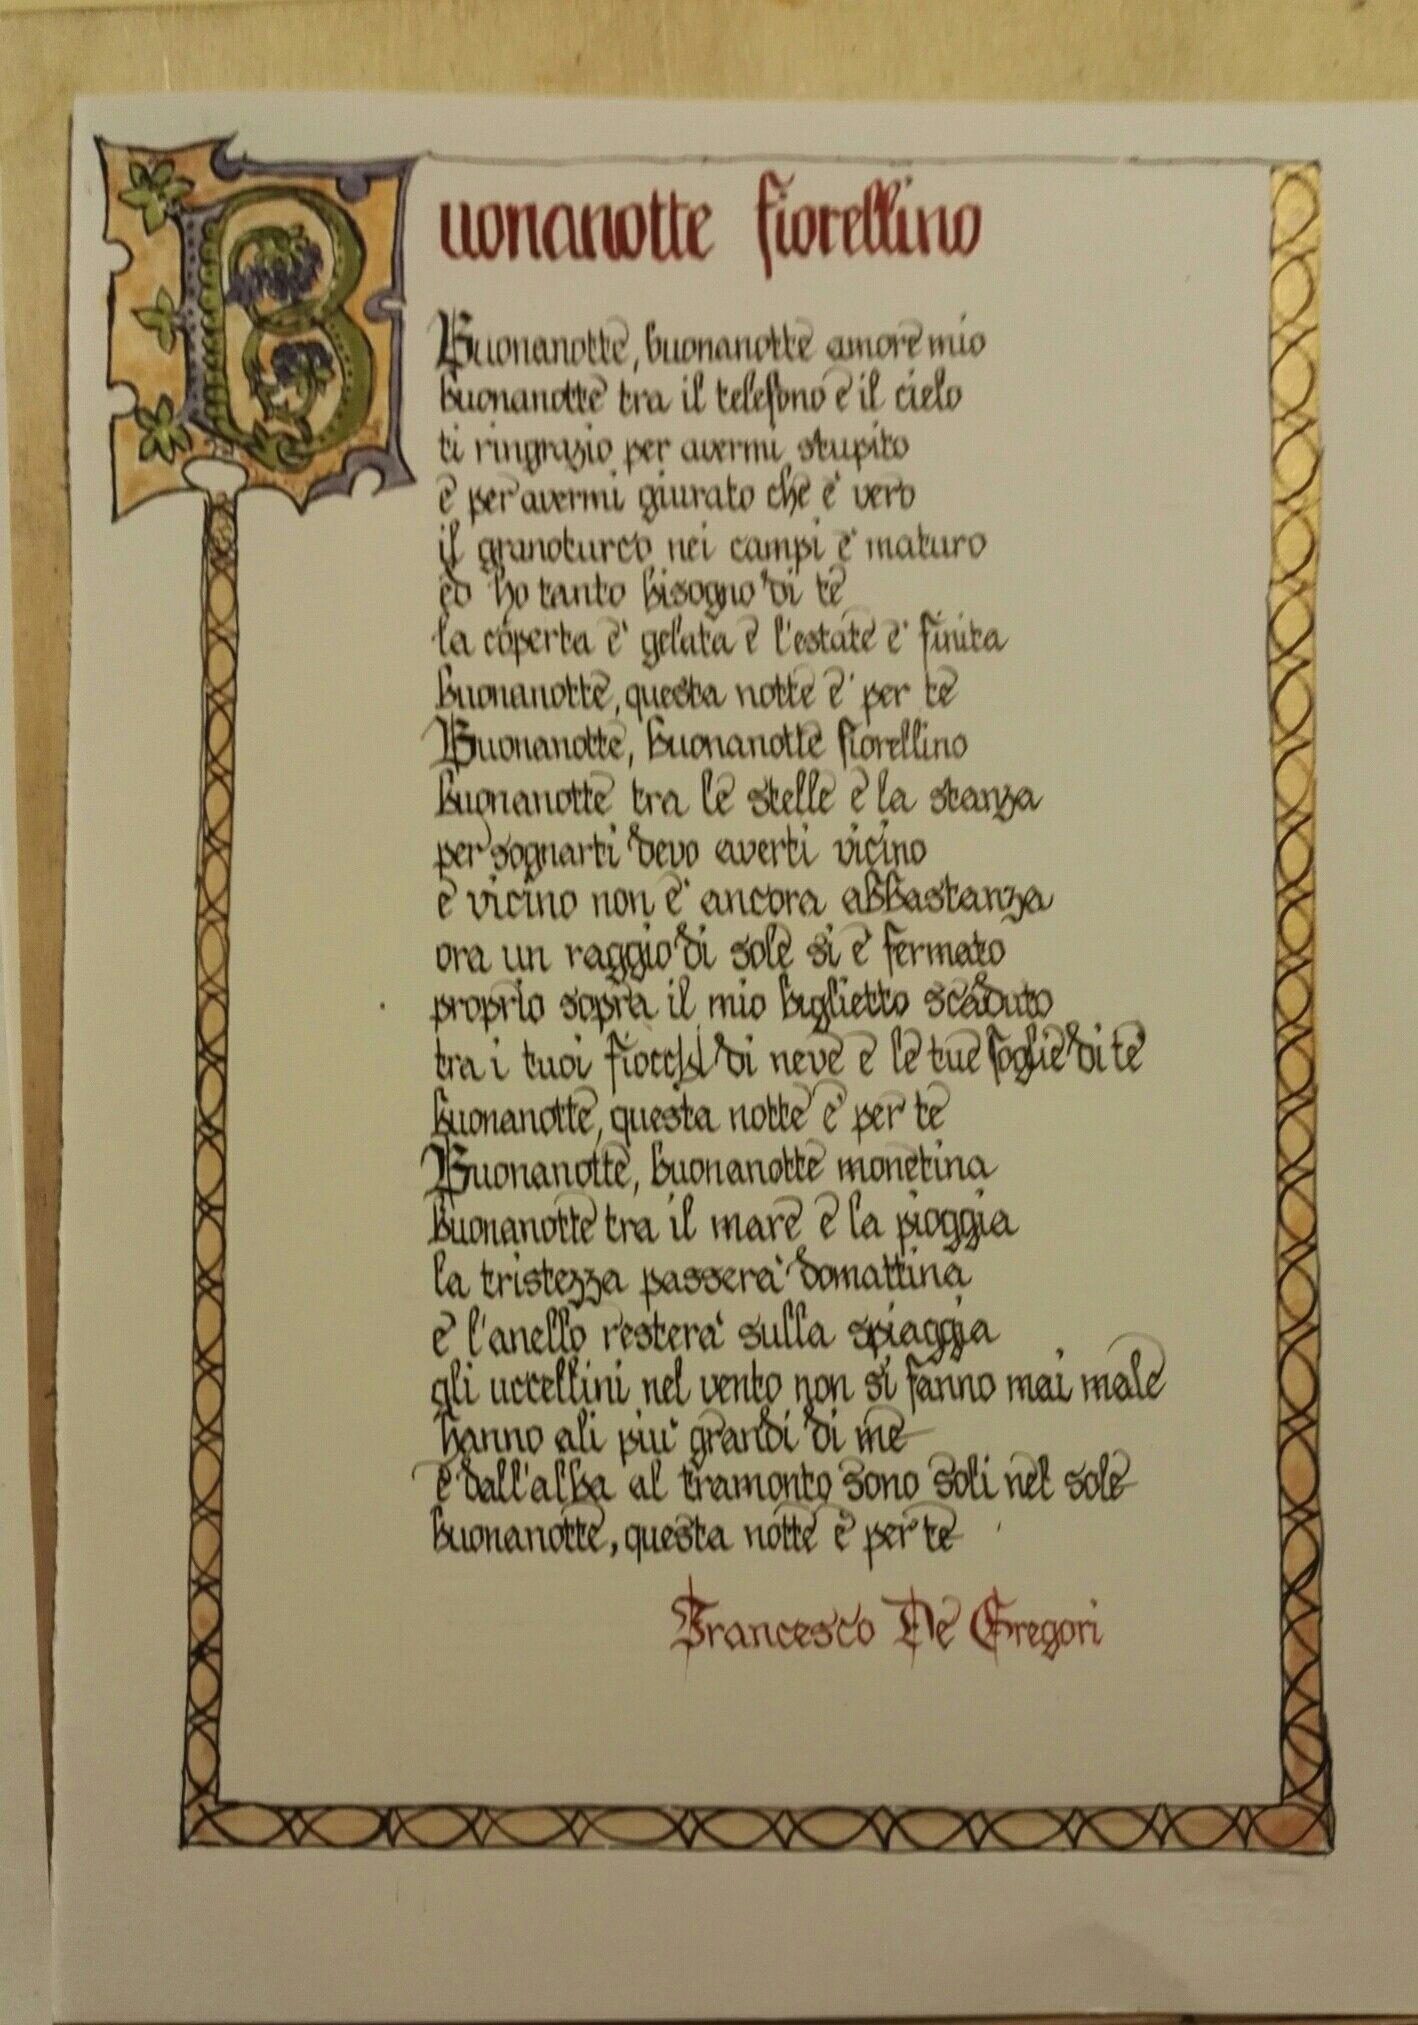 """""""Buonanotte fiorellino"""" song by Francesco DeGregori"""